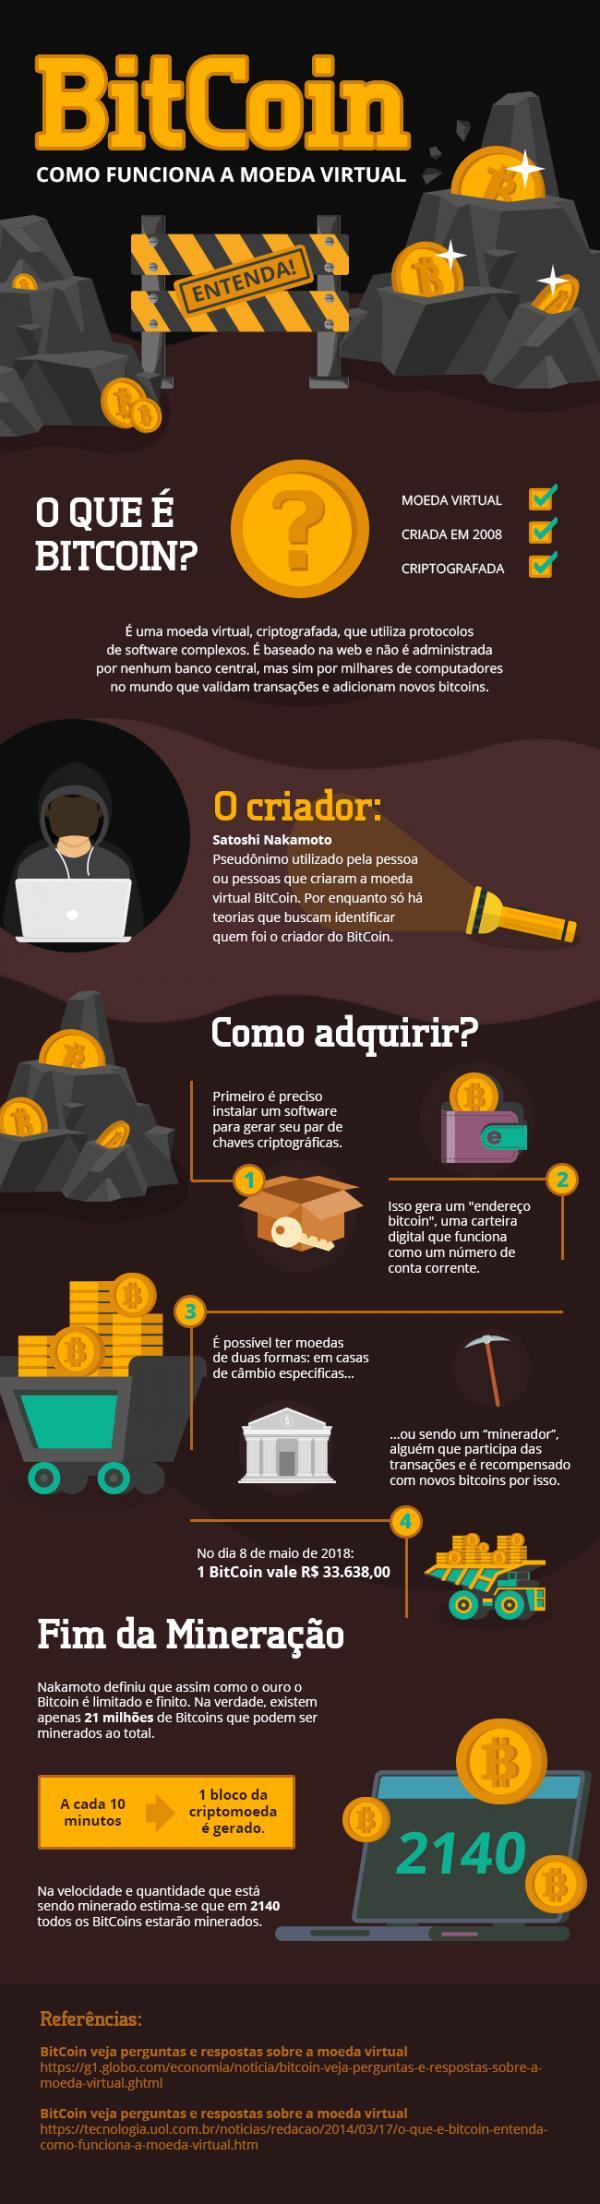 Como funciona o Bitcoin?(Imagem:Internet)